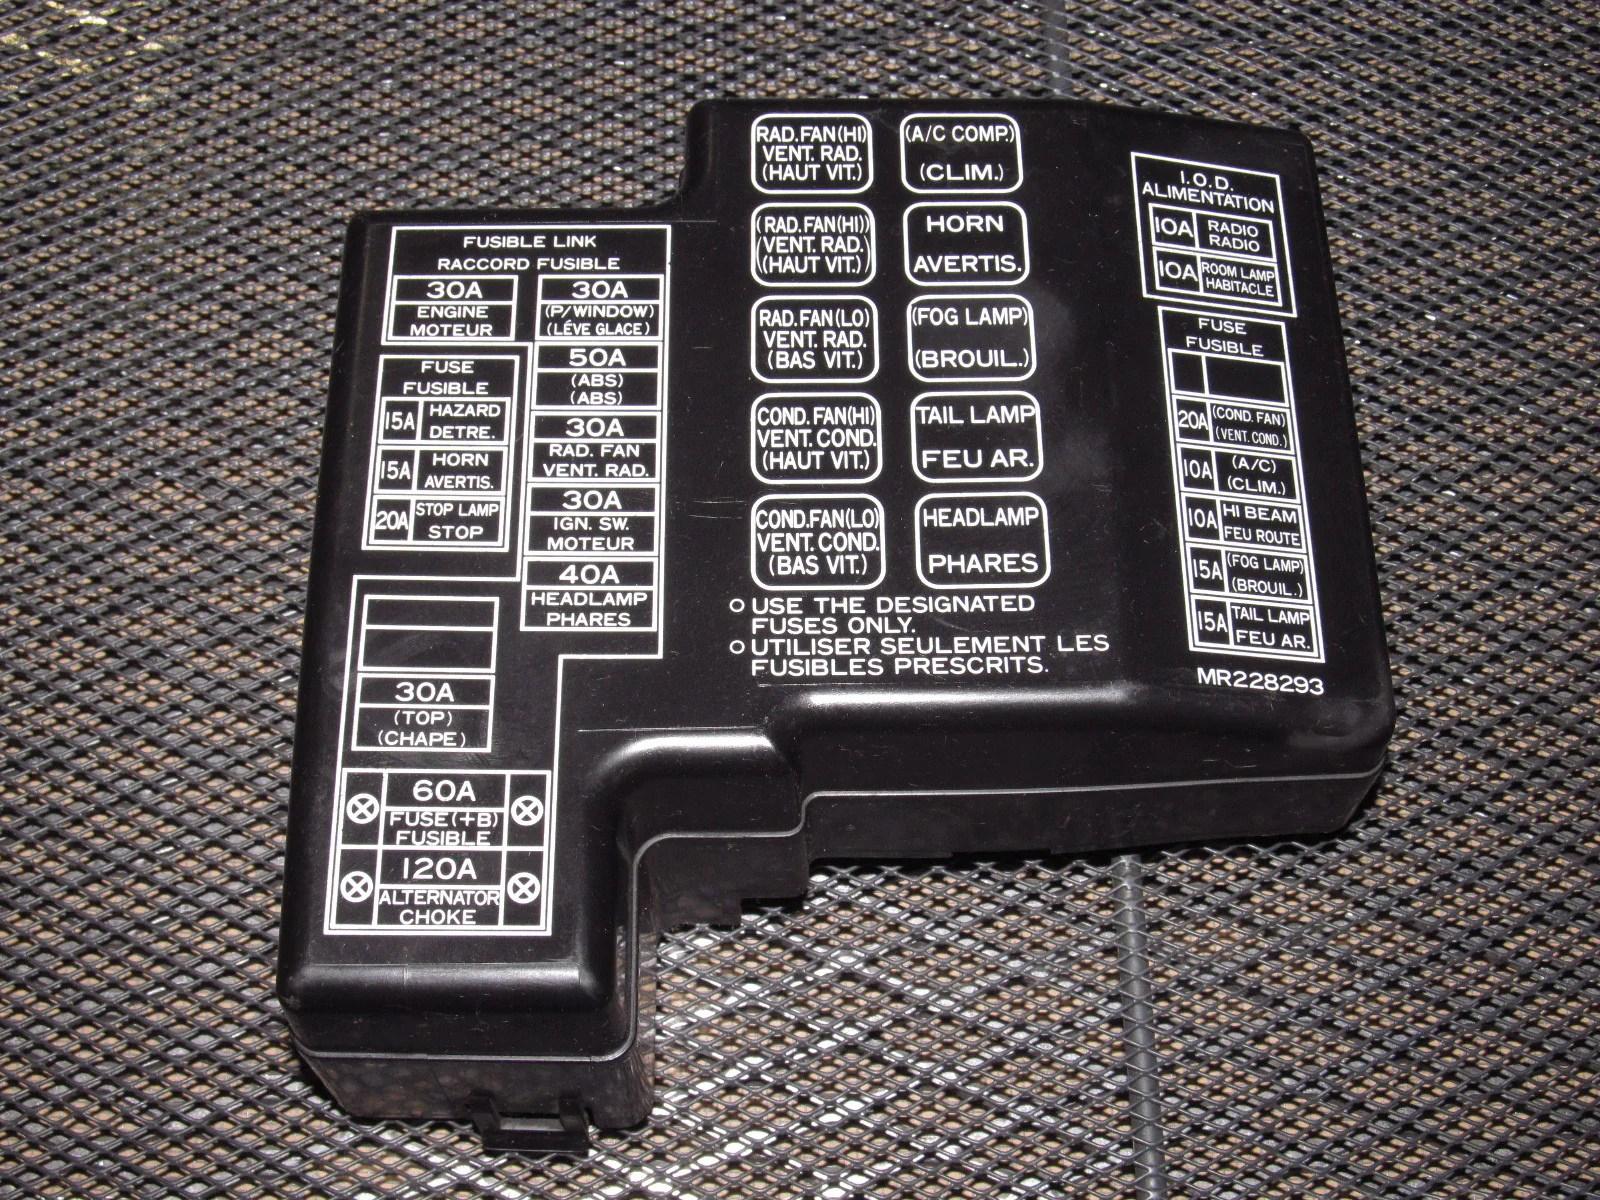 97 98 99 mitsubishi eclipse oem engine fuse box cover autopartone com rh autopartone com 1998 [ 1600 x 1200 Pixel ]